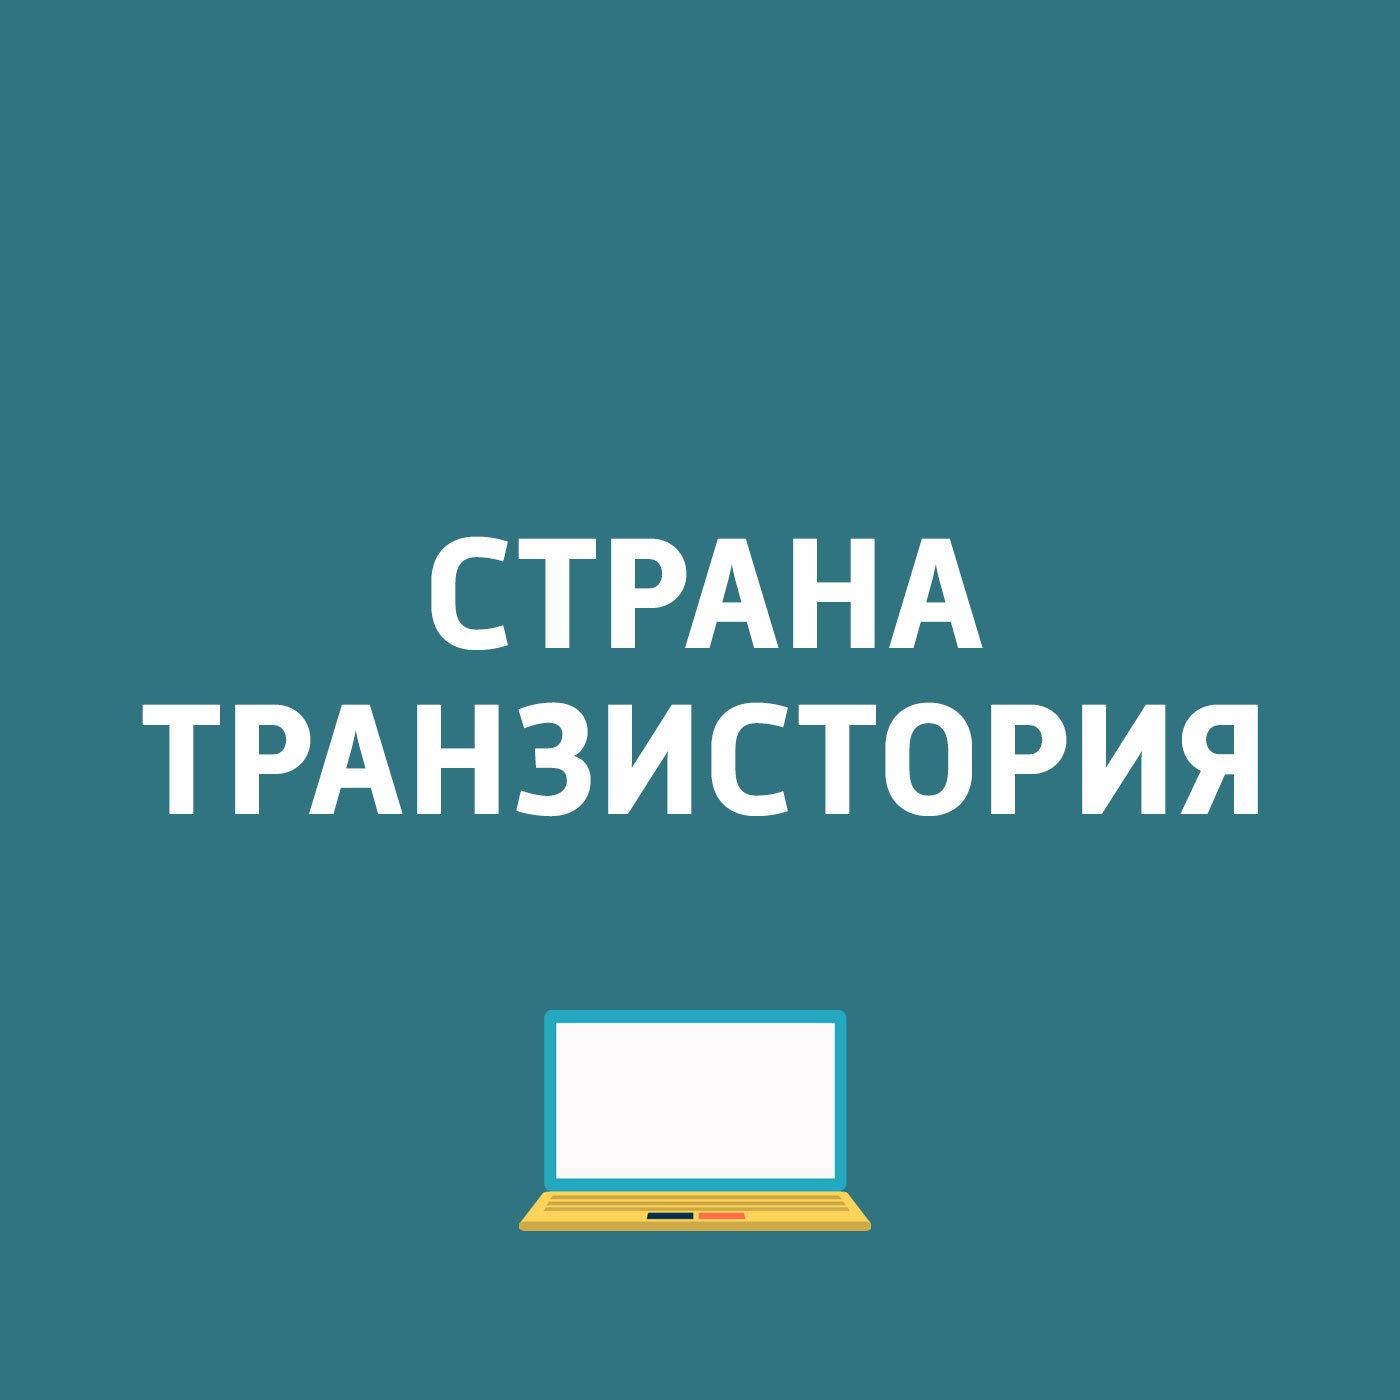 Картаев Павел Обзор новых смартфонов в июне; «Аэрофлот разрешил не выключать гаджеты